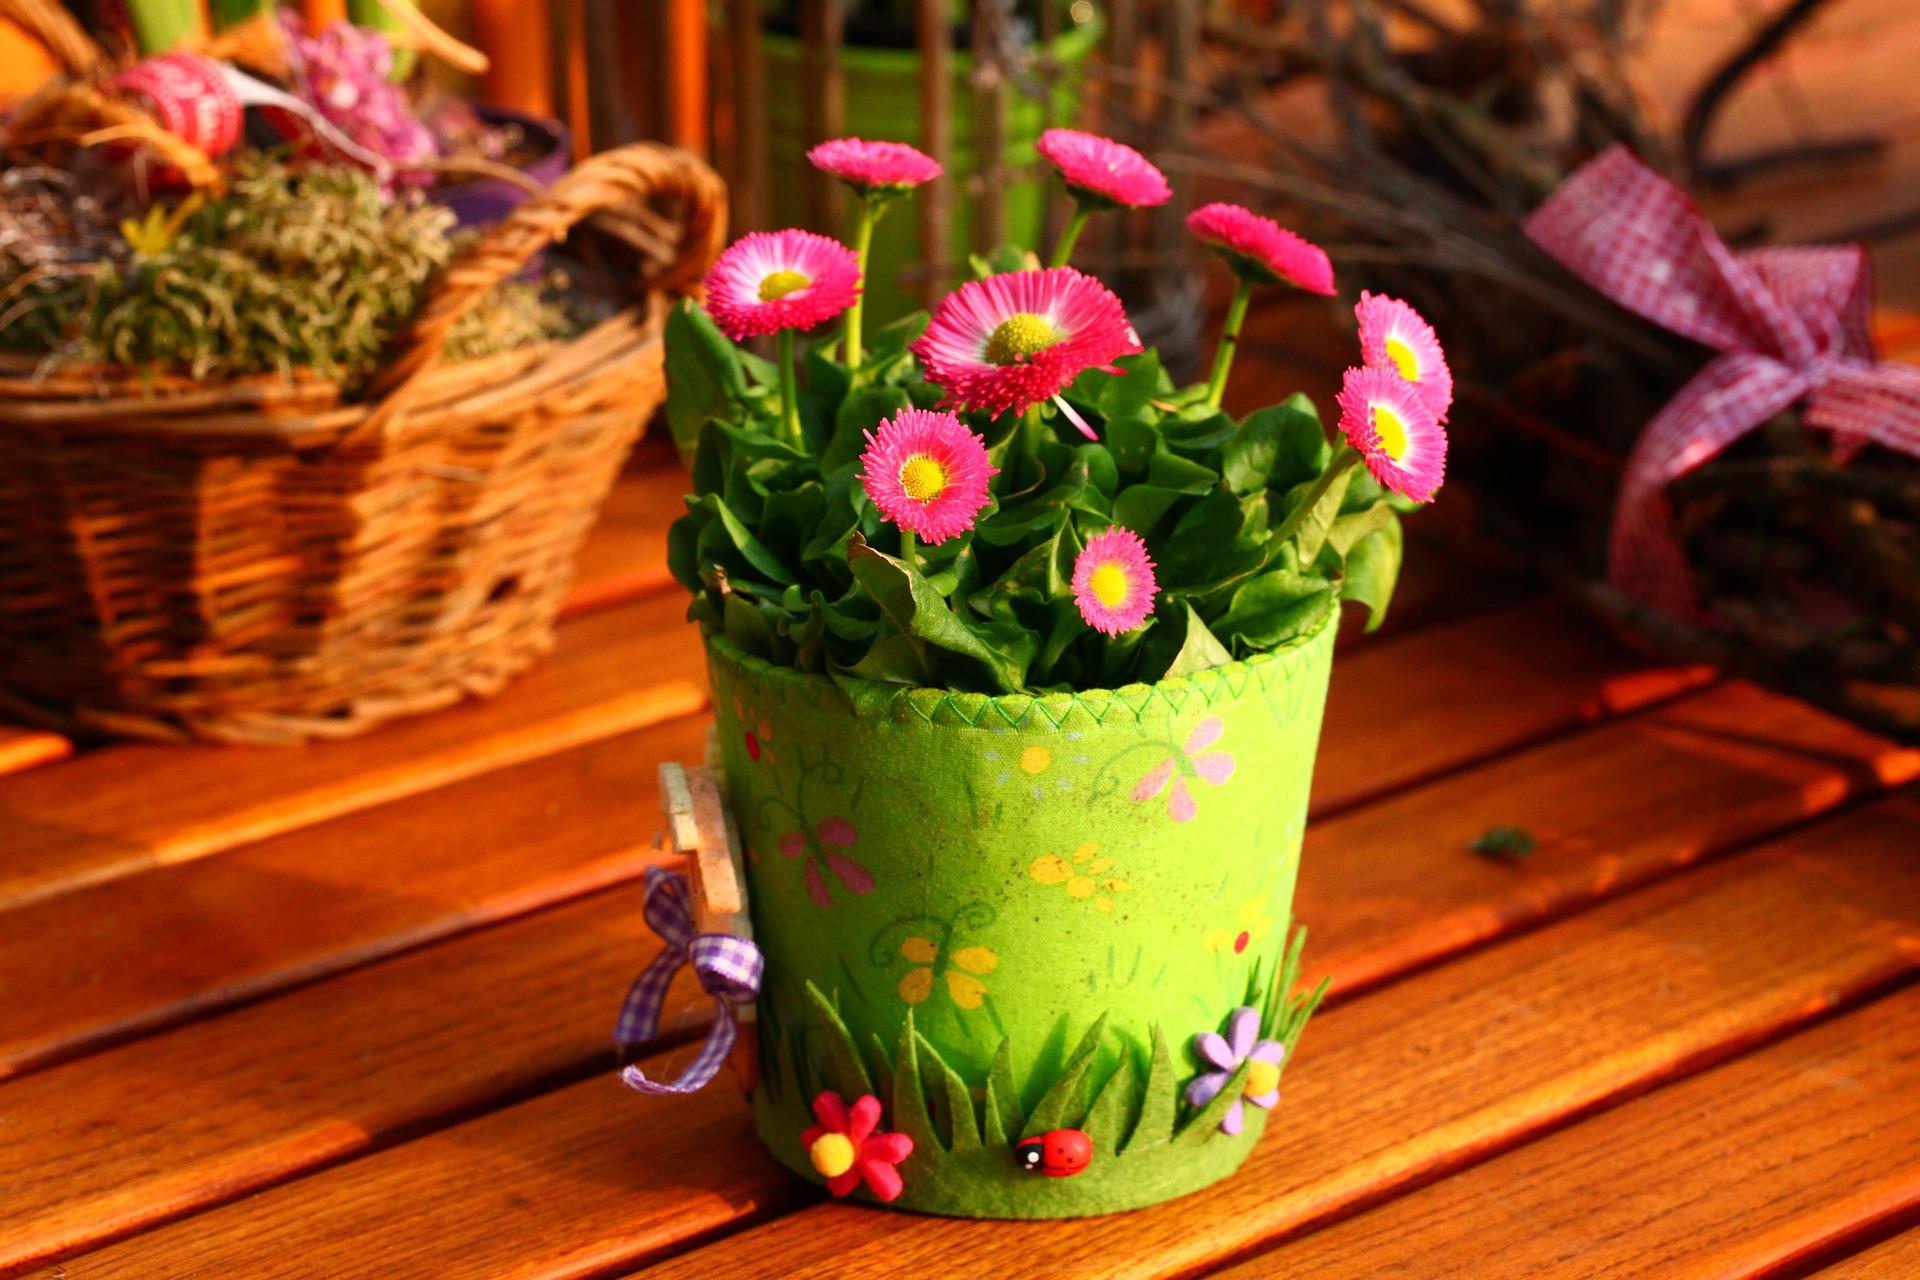 środki ochrony roślin sklep internetowy